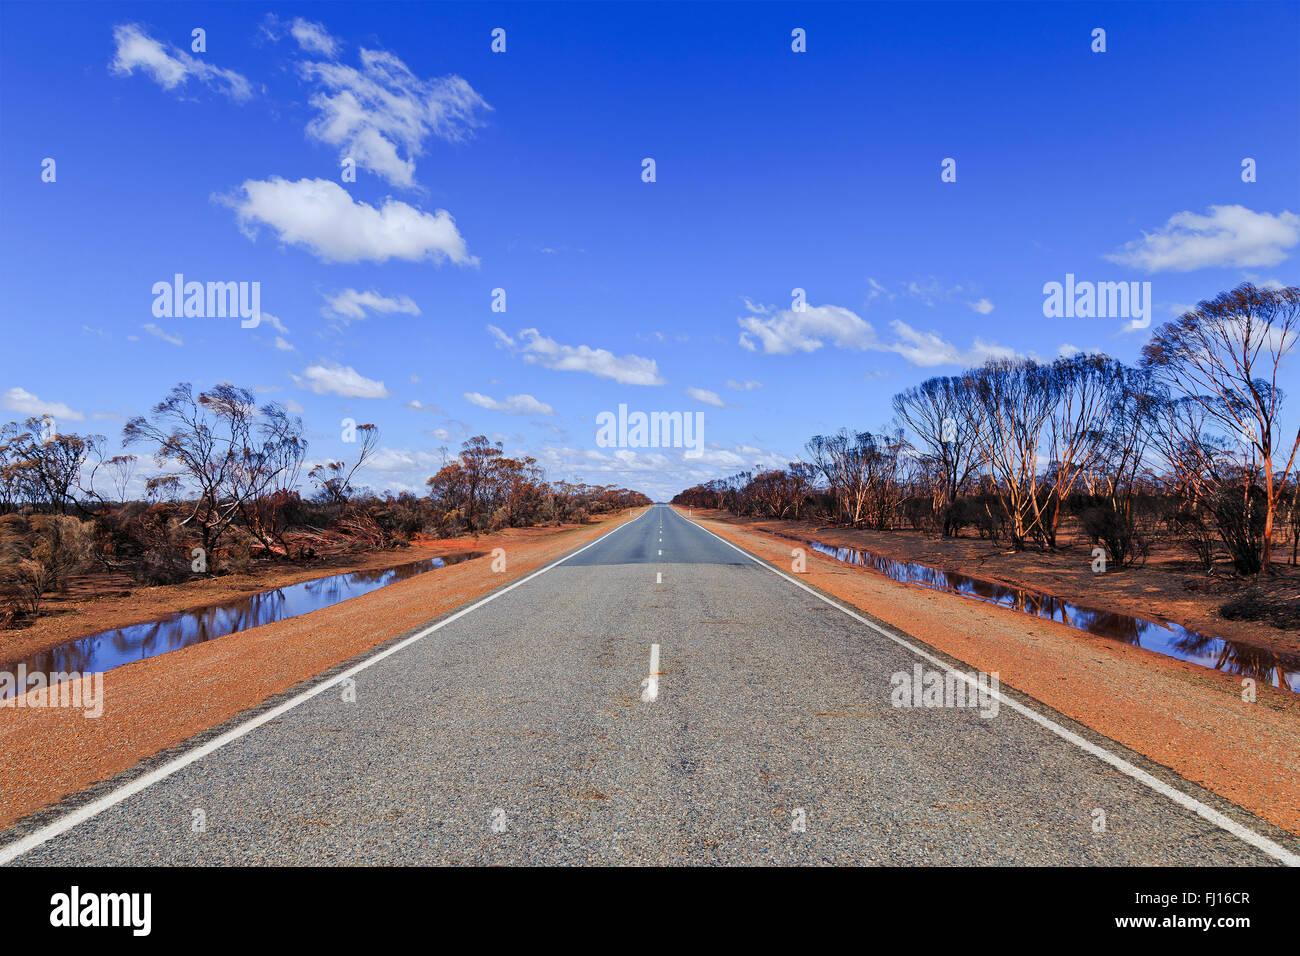 Breite des leeren Asphaltstraße in Westaustralien nach schweren Buschbränden Kijiji Wäldern rund Stockbild